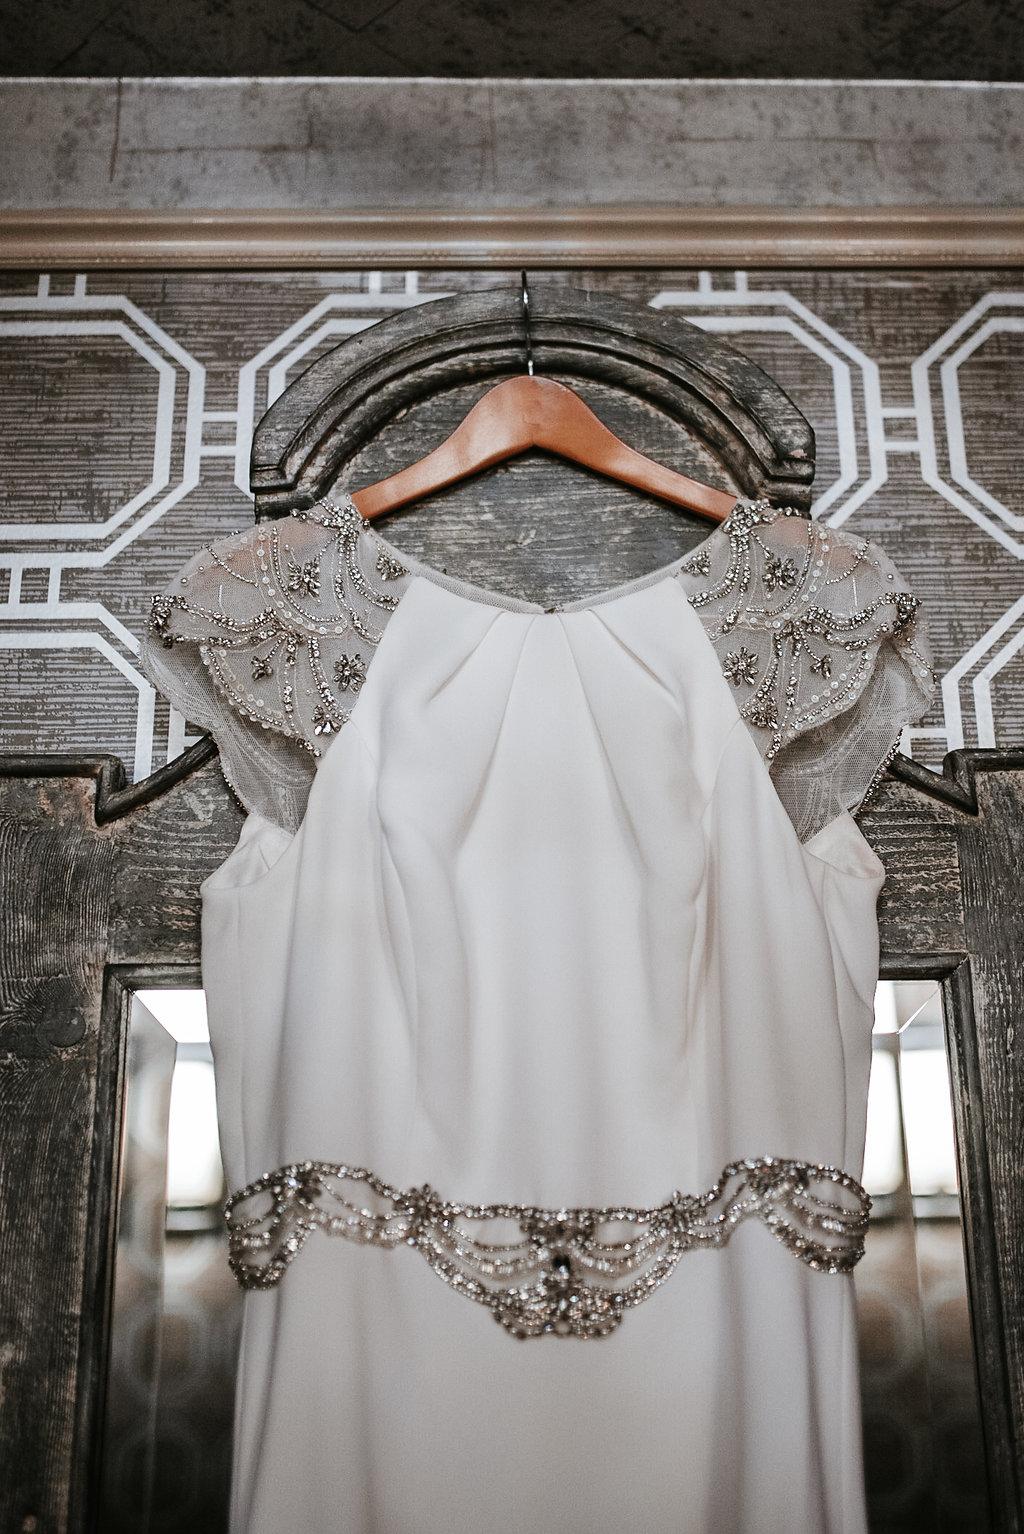 the madison dc hotel wedding dress photo